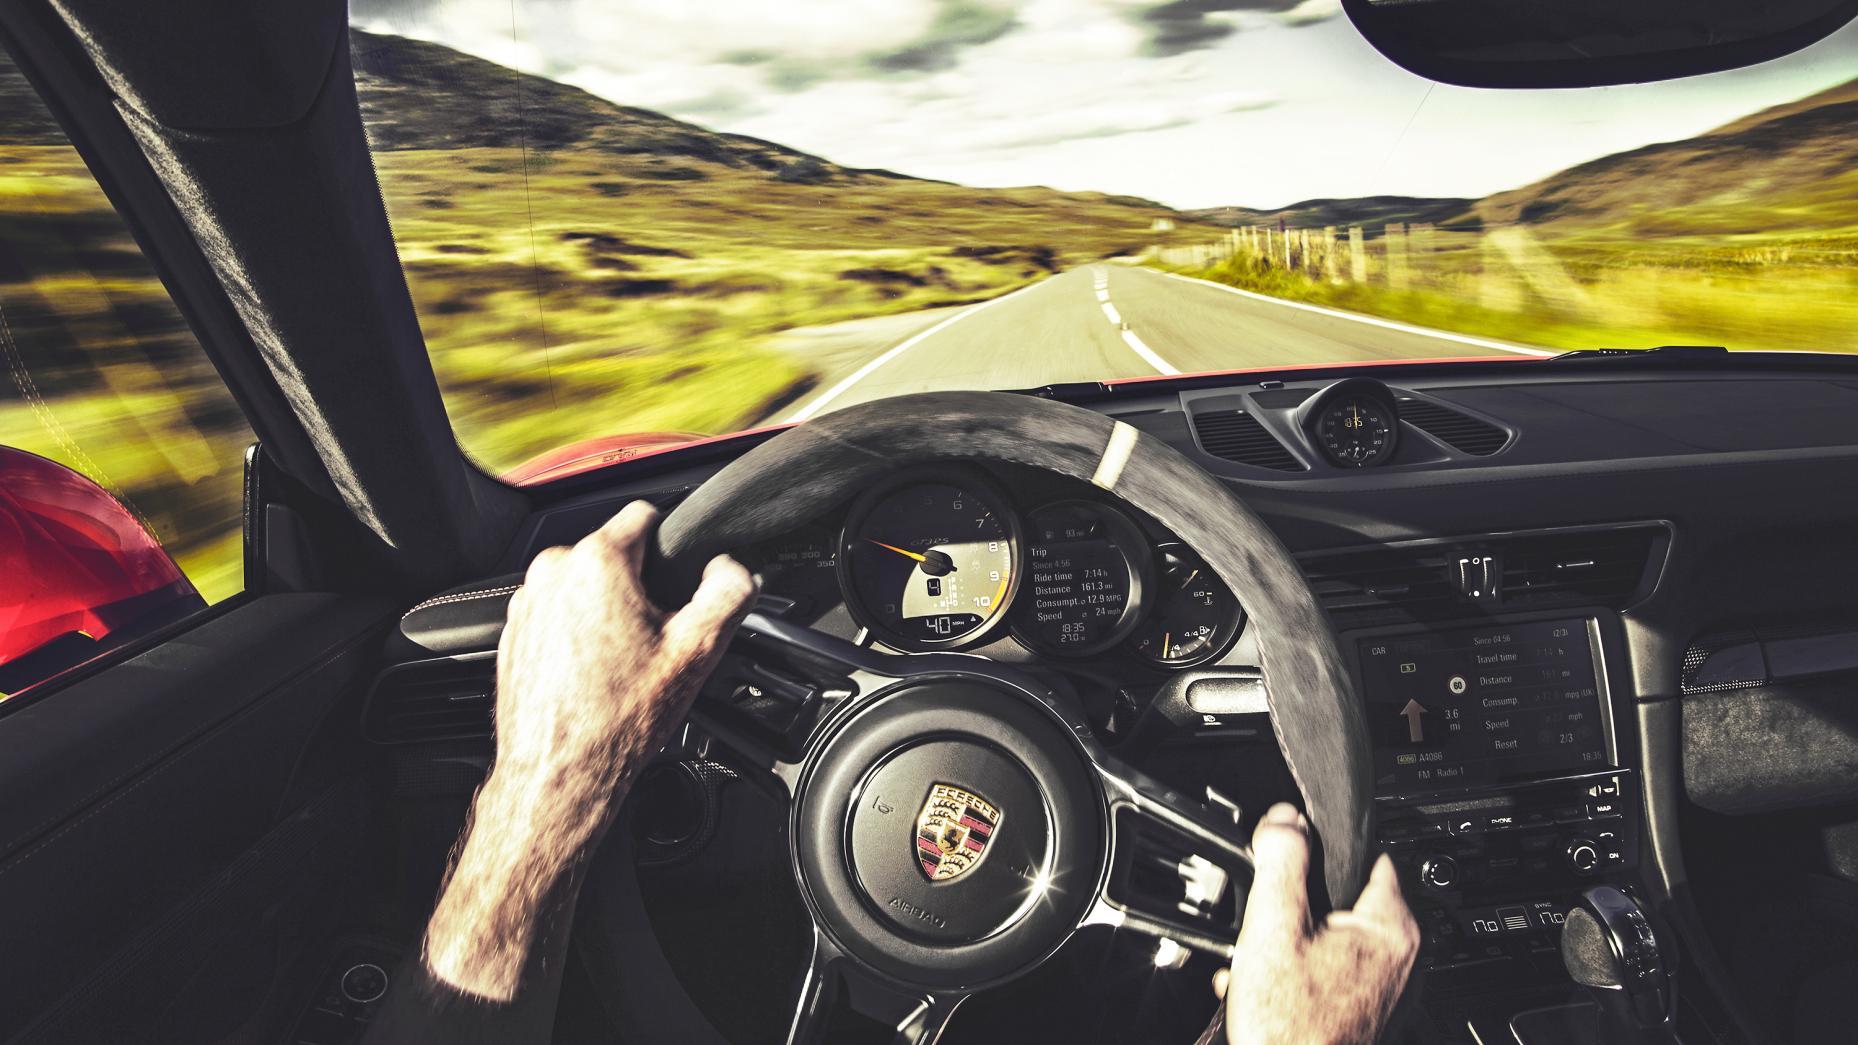 Un Porsche GT3 RS seguirá siendo automático: ¡manos en el volante siempre!